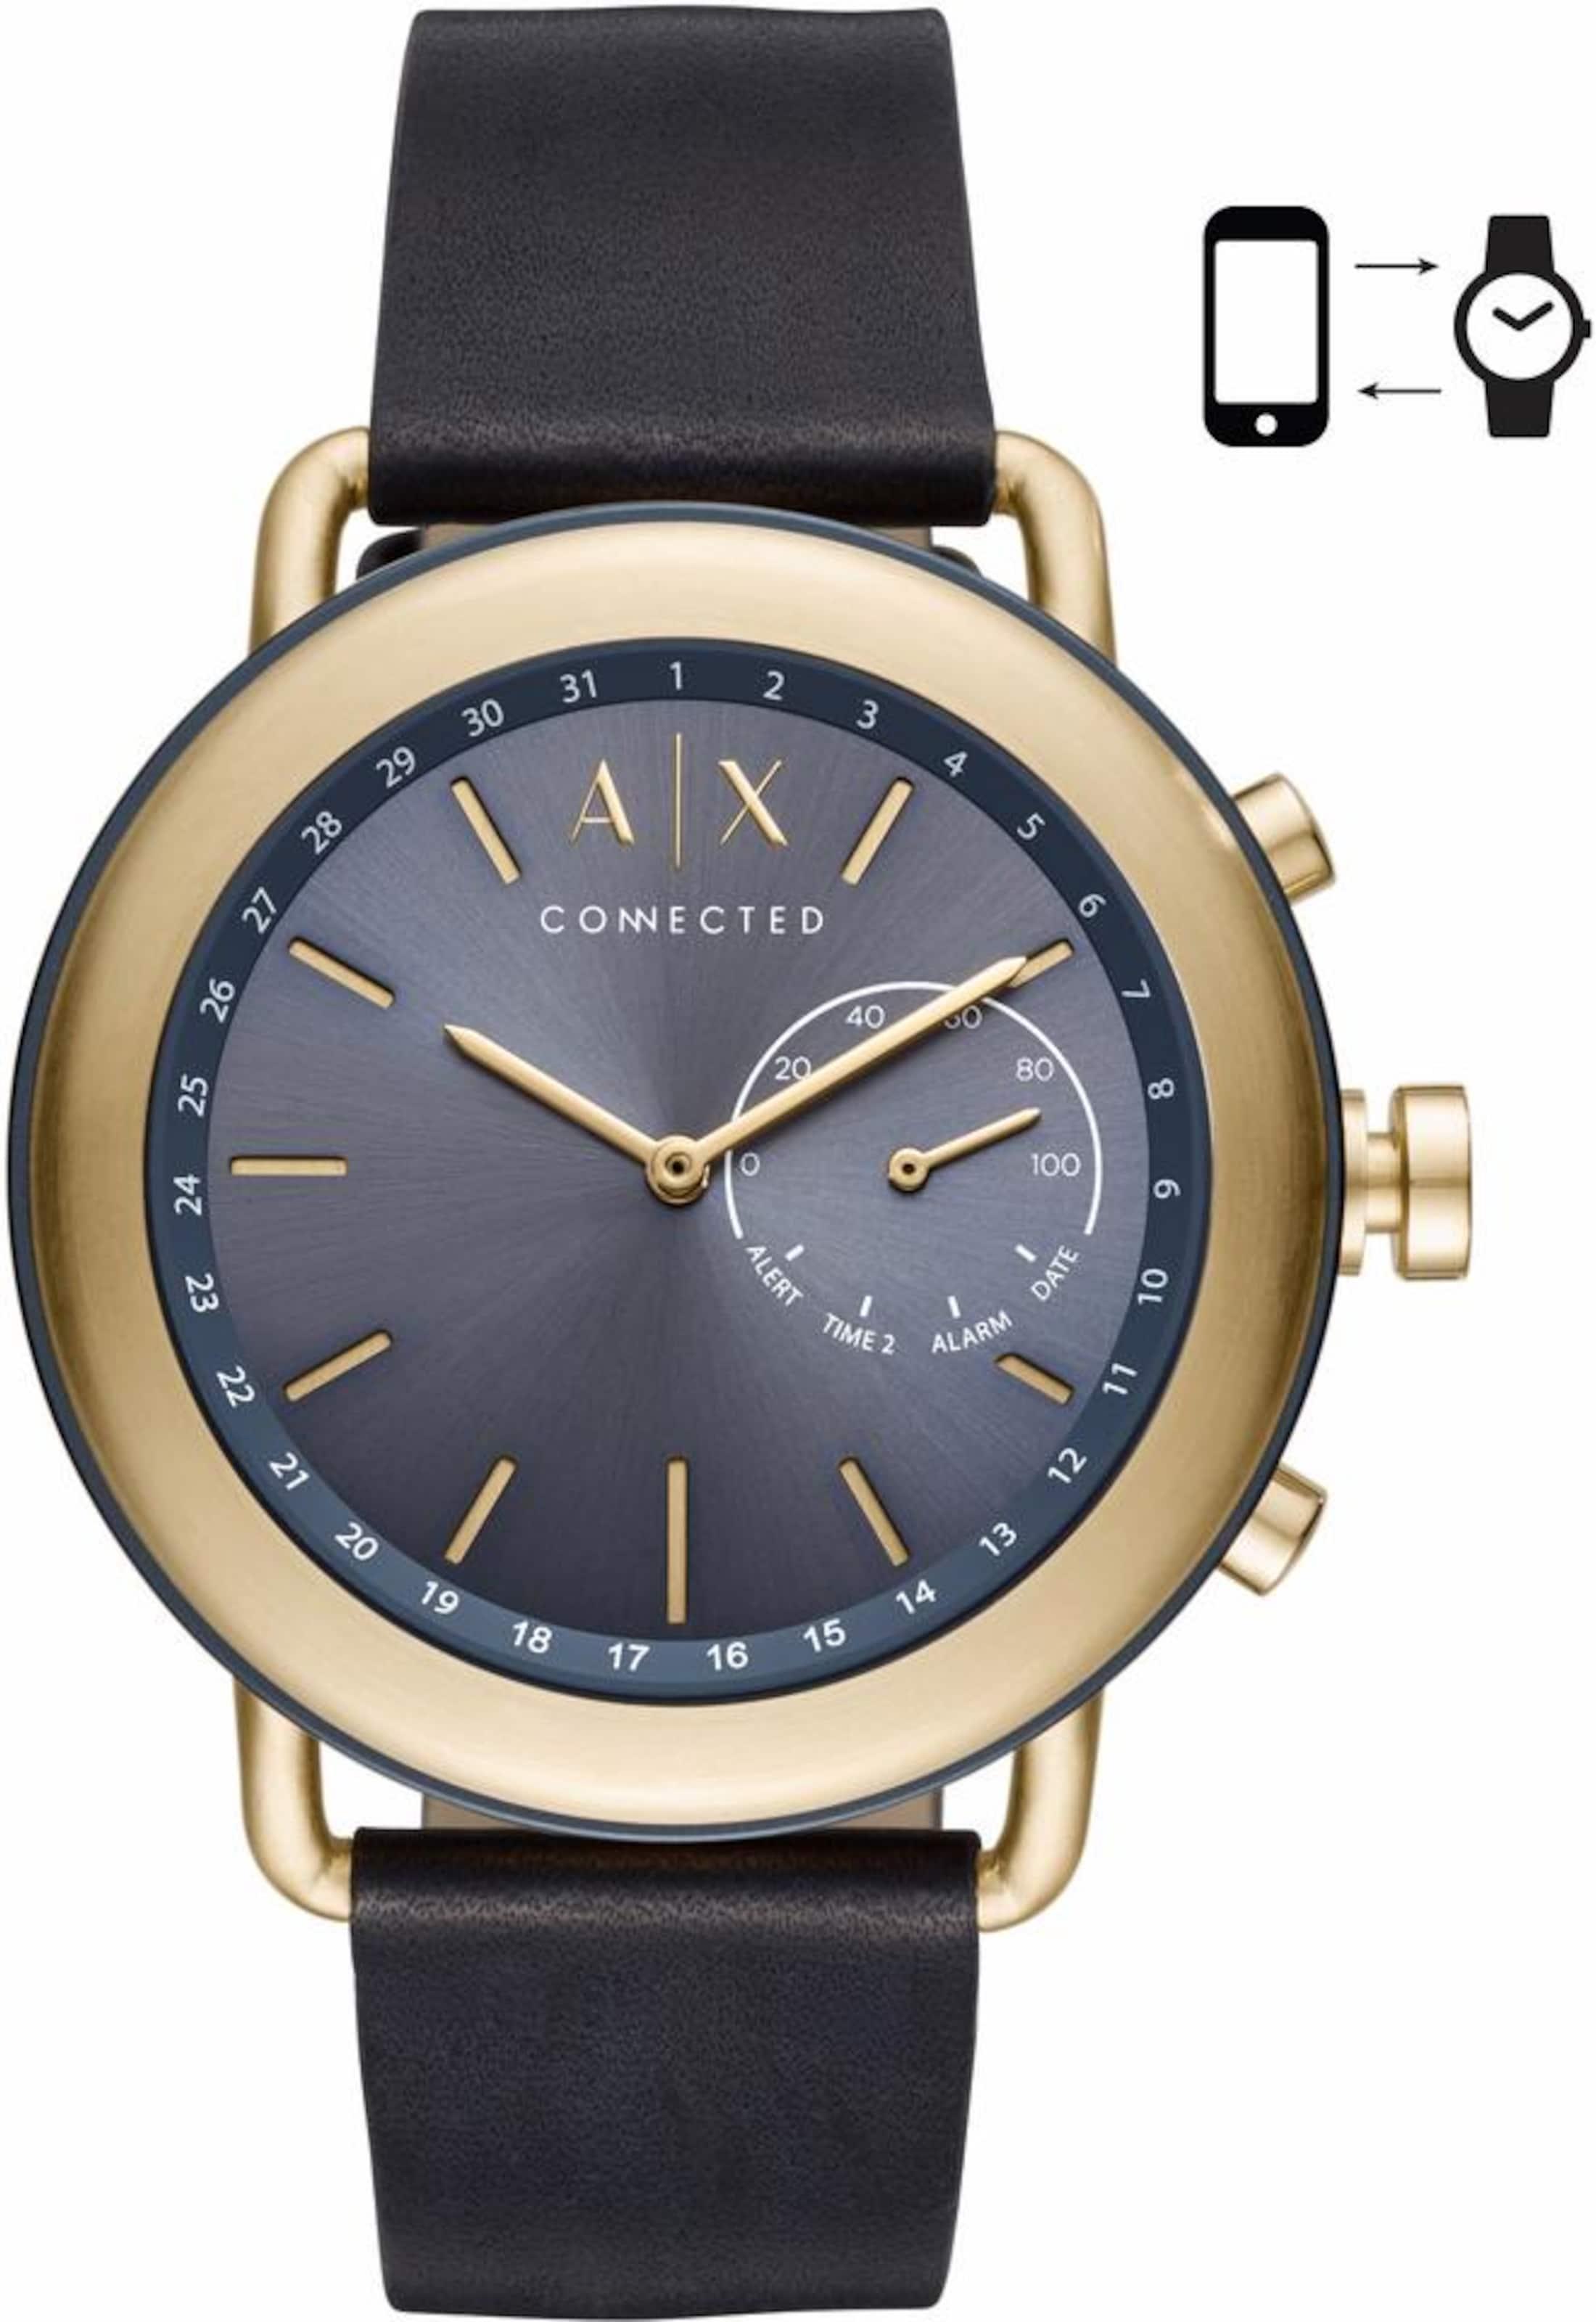 Armani Exchange Connected AXT1023 Smartwatch (Android Wear) Billig Verkauf Erschwinglich Mit Paypal Günstigem Preis 3Z0vcV8